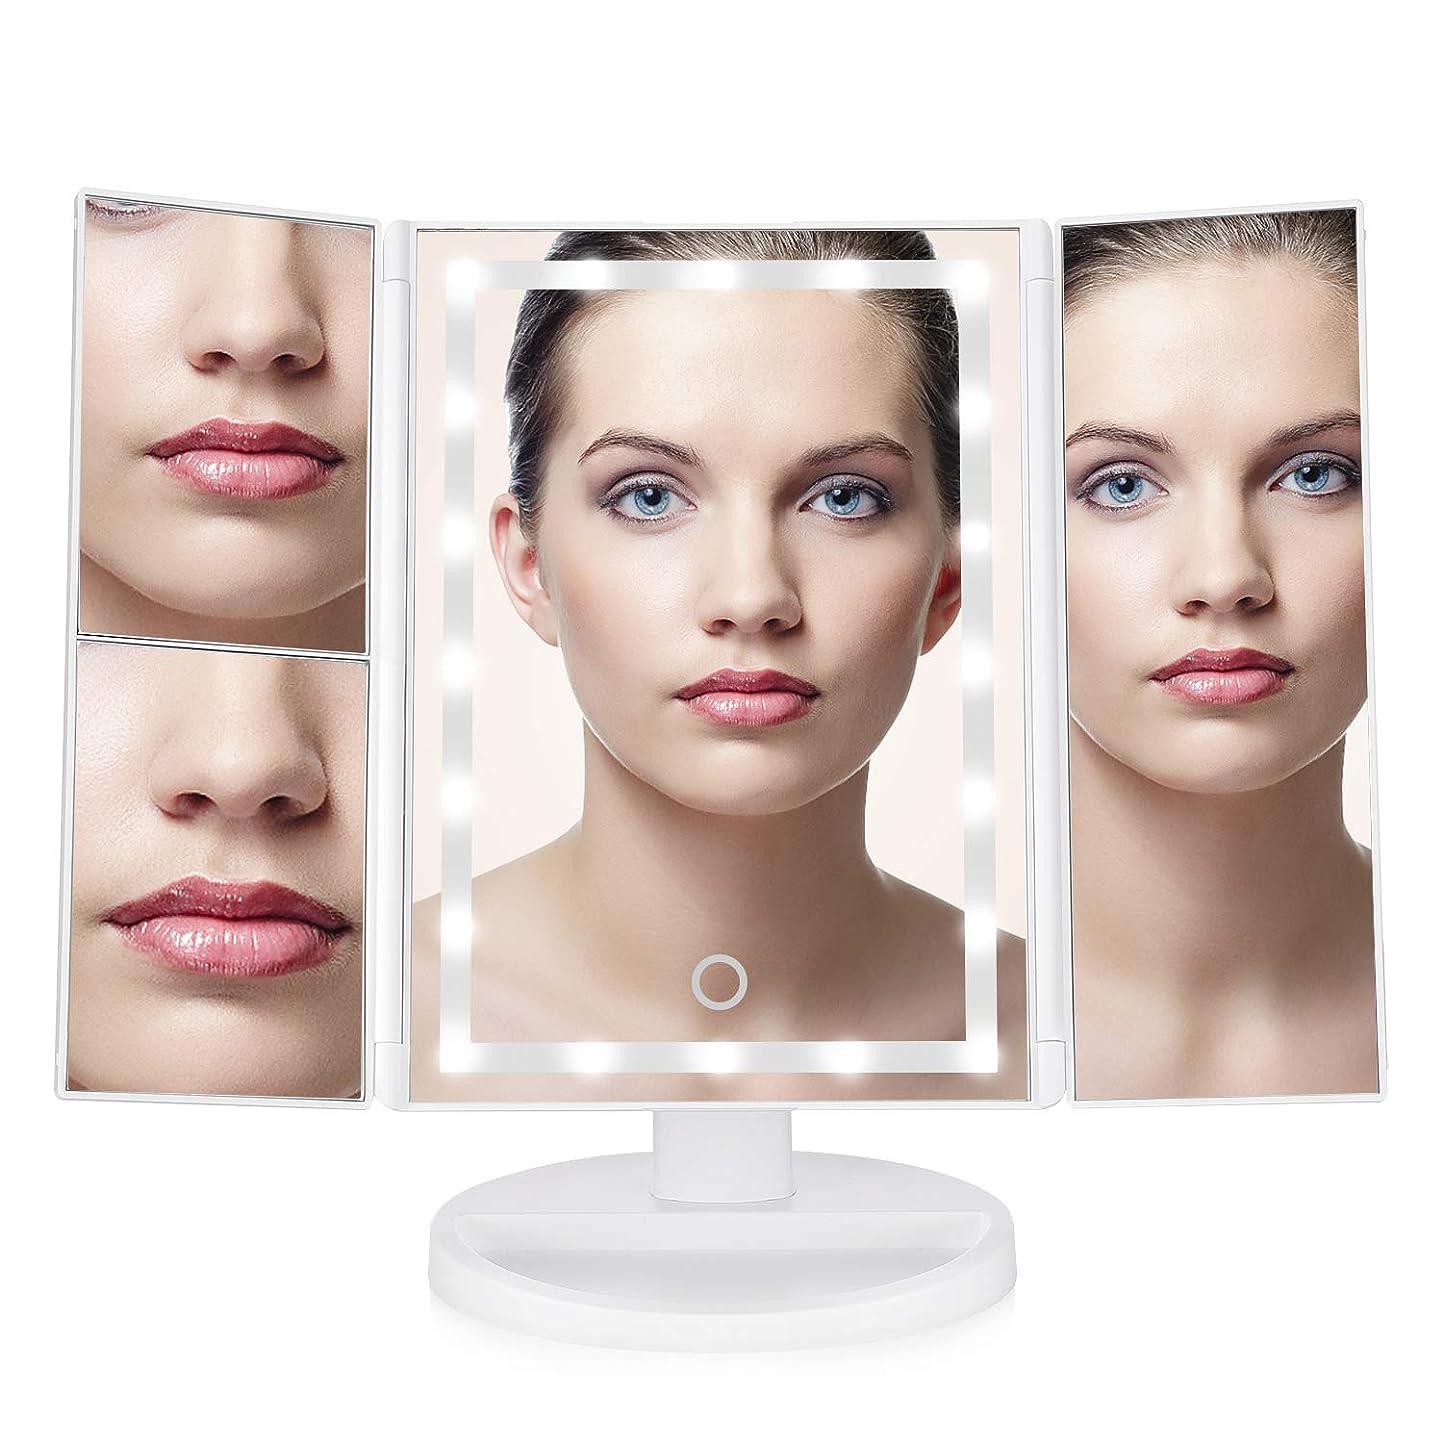 嵐の風が強いペパーミント化粧鏡 化粧ミラー 鏡 三面鏡 女優ミラー 卓上 折りたたみ 拡大鏡 2&3倍 ライトの明るさを調節可能 180°回転